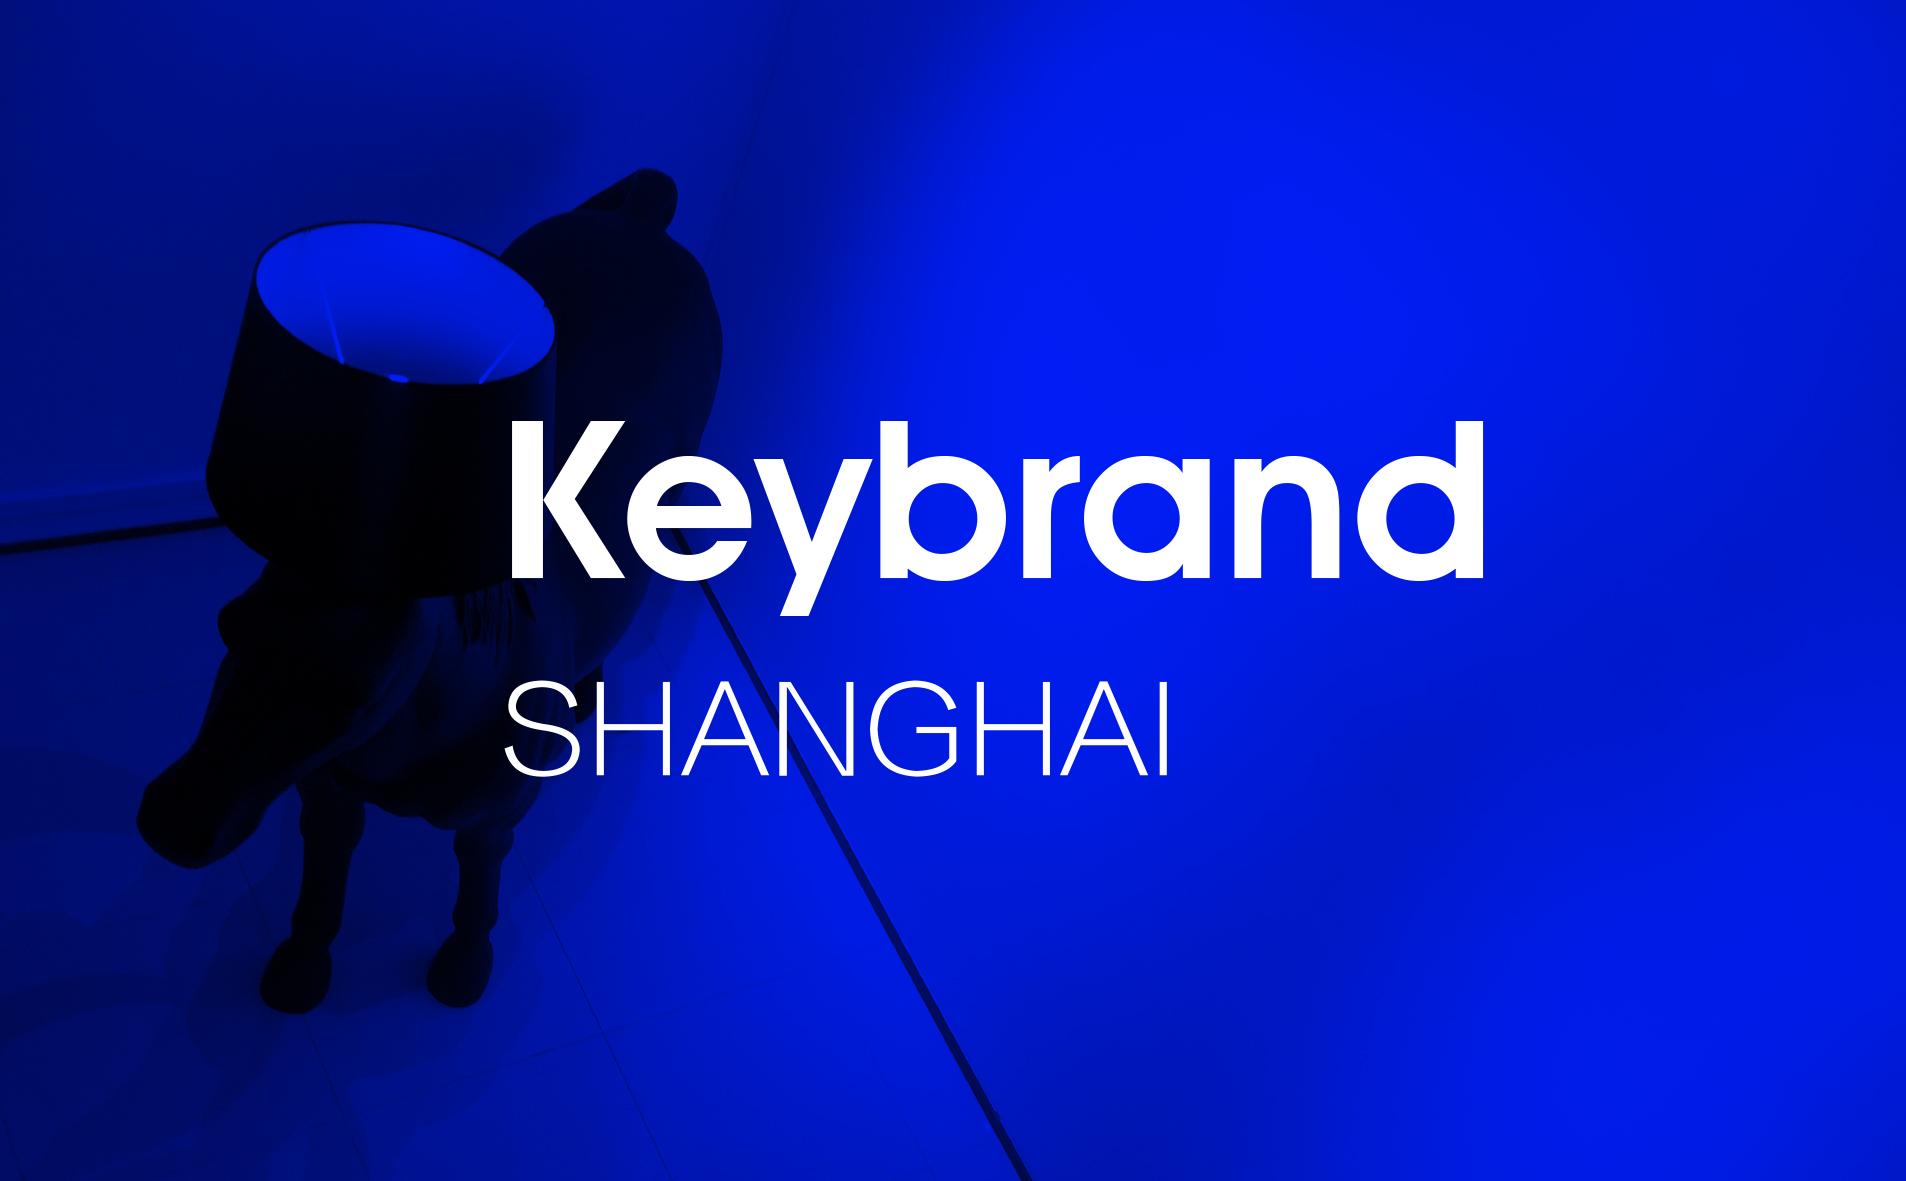 上海vi设计、logo设计、品牌策划、品牌设计_[上海亚博|网页登陆入口]